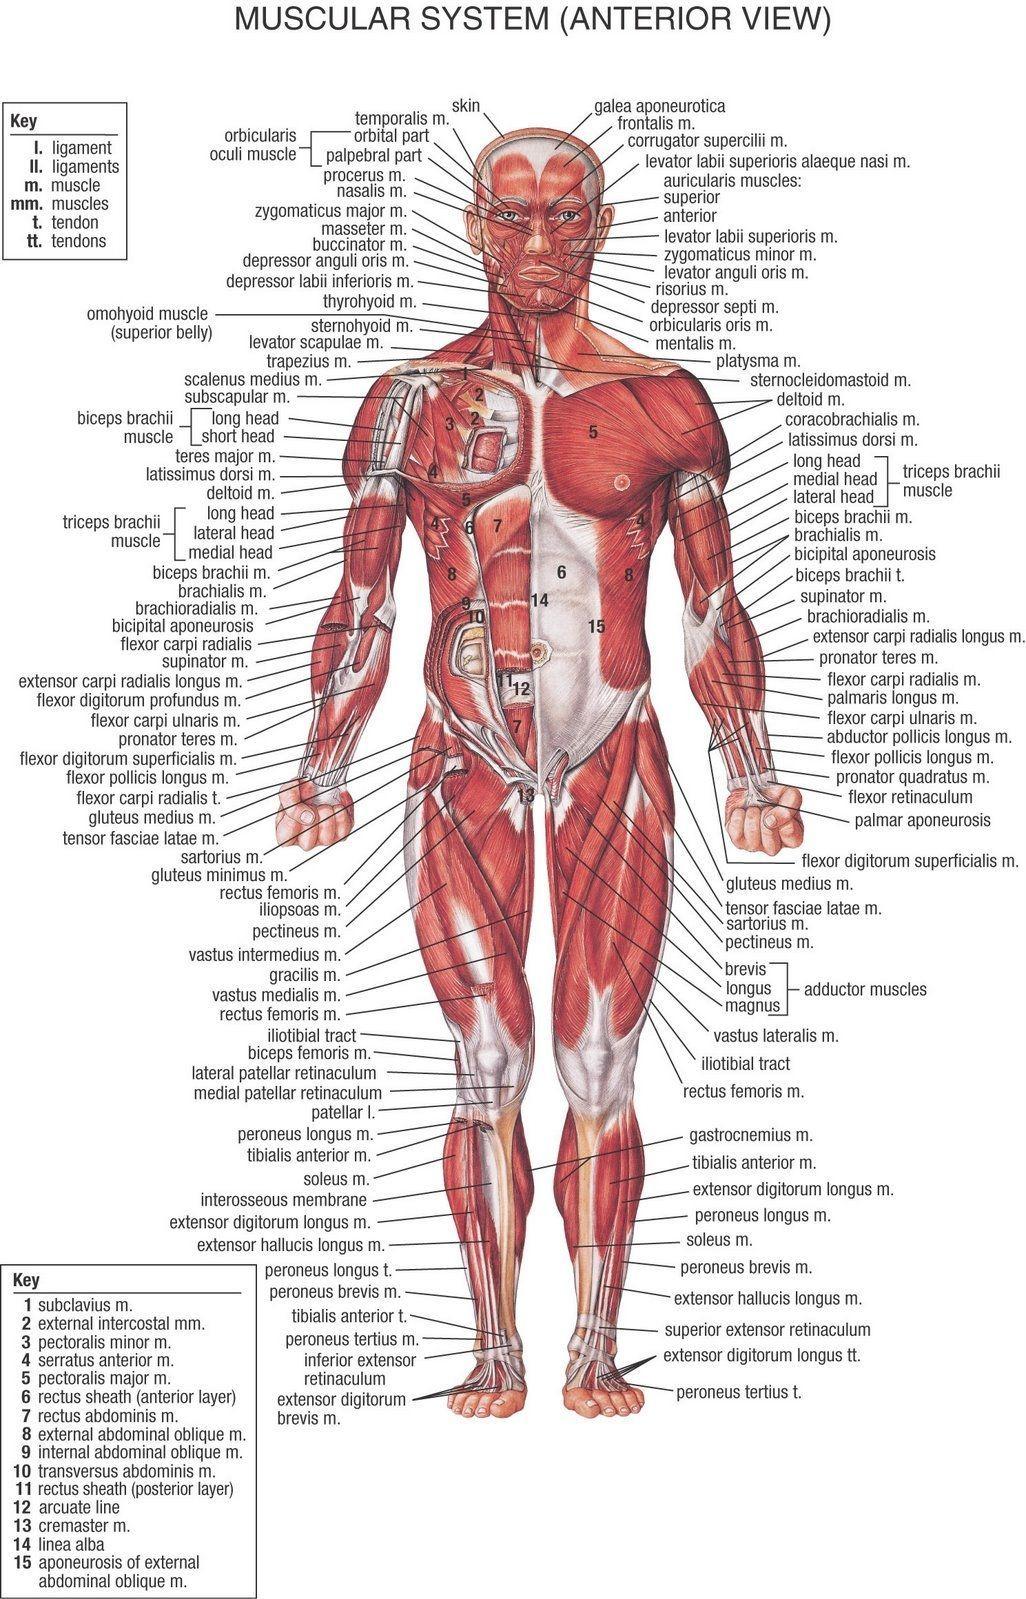 El cuerpo humano! | El cuerpo humano, Cuerpo humano y El cuerpo